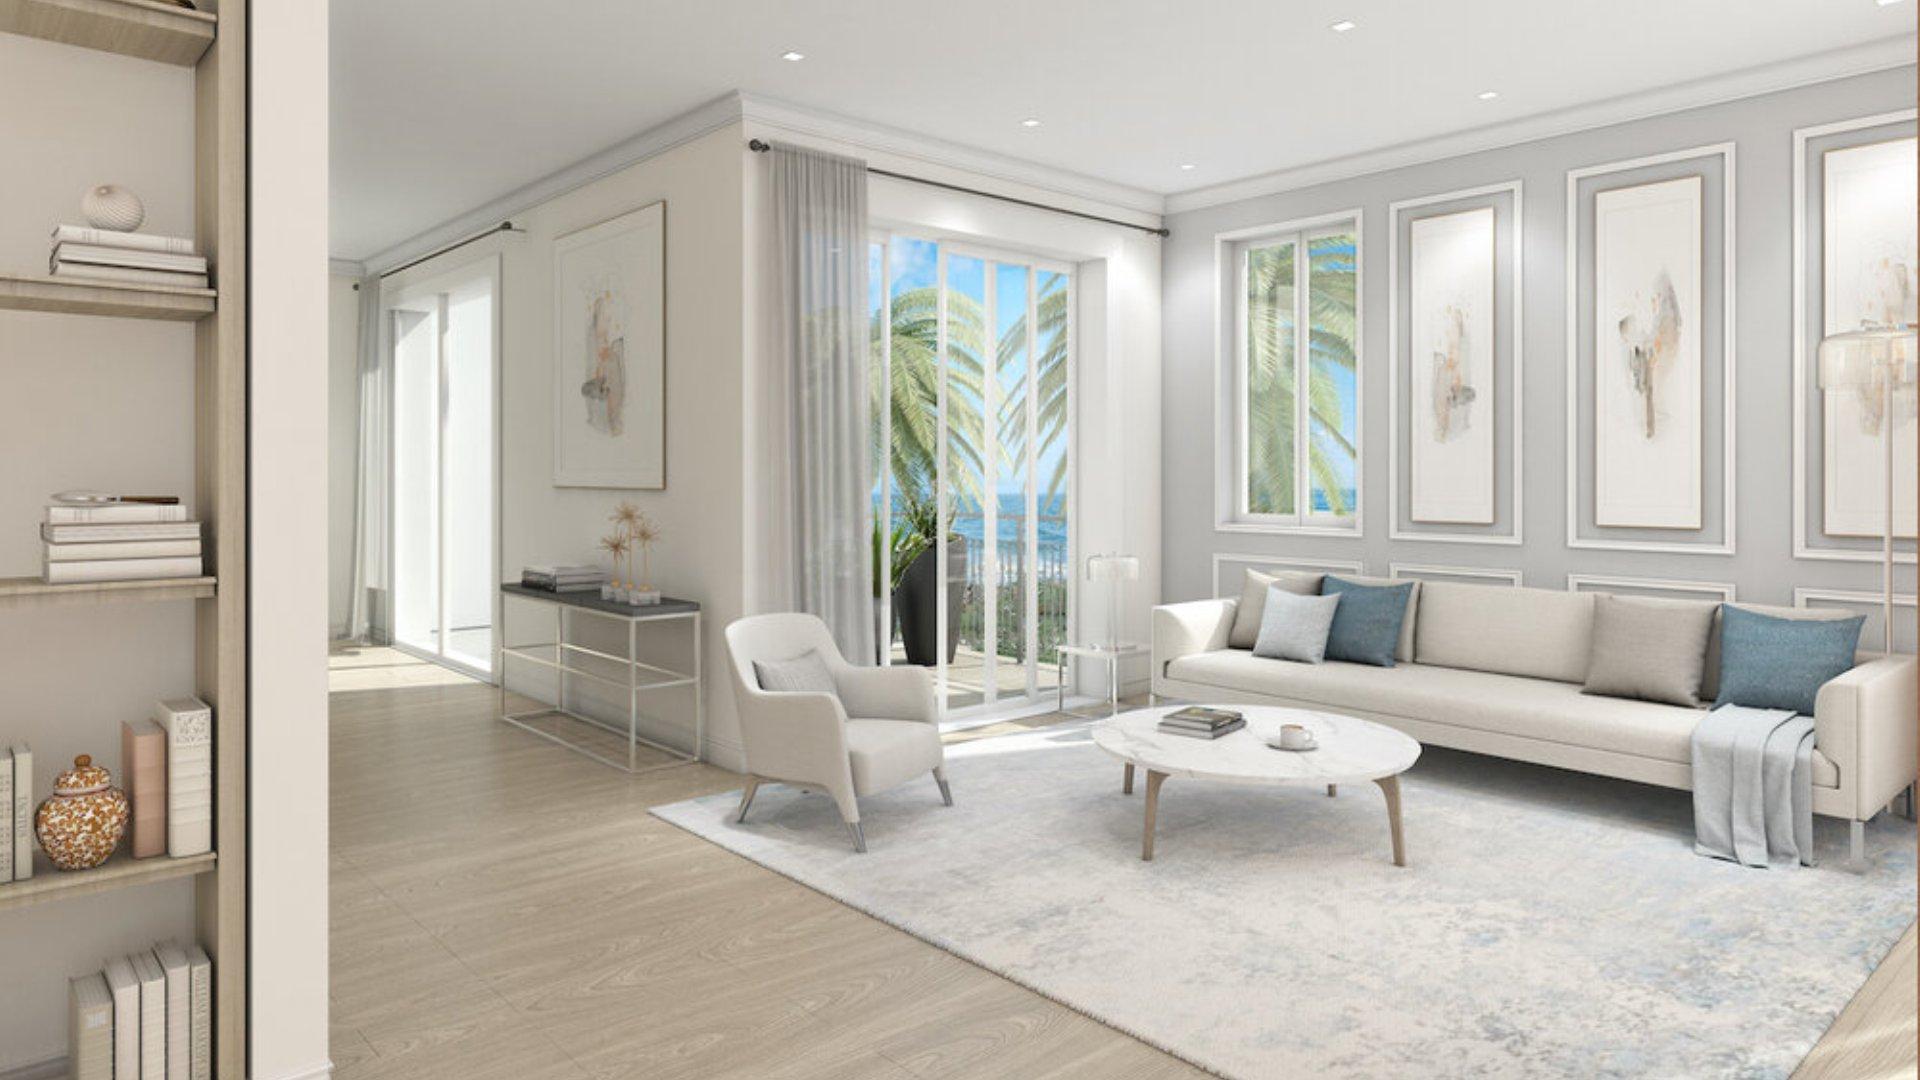 Adosado en venta en Dubai, EAU, 5 dormitorios, 634 m2, № 24332 – foto 1